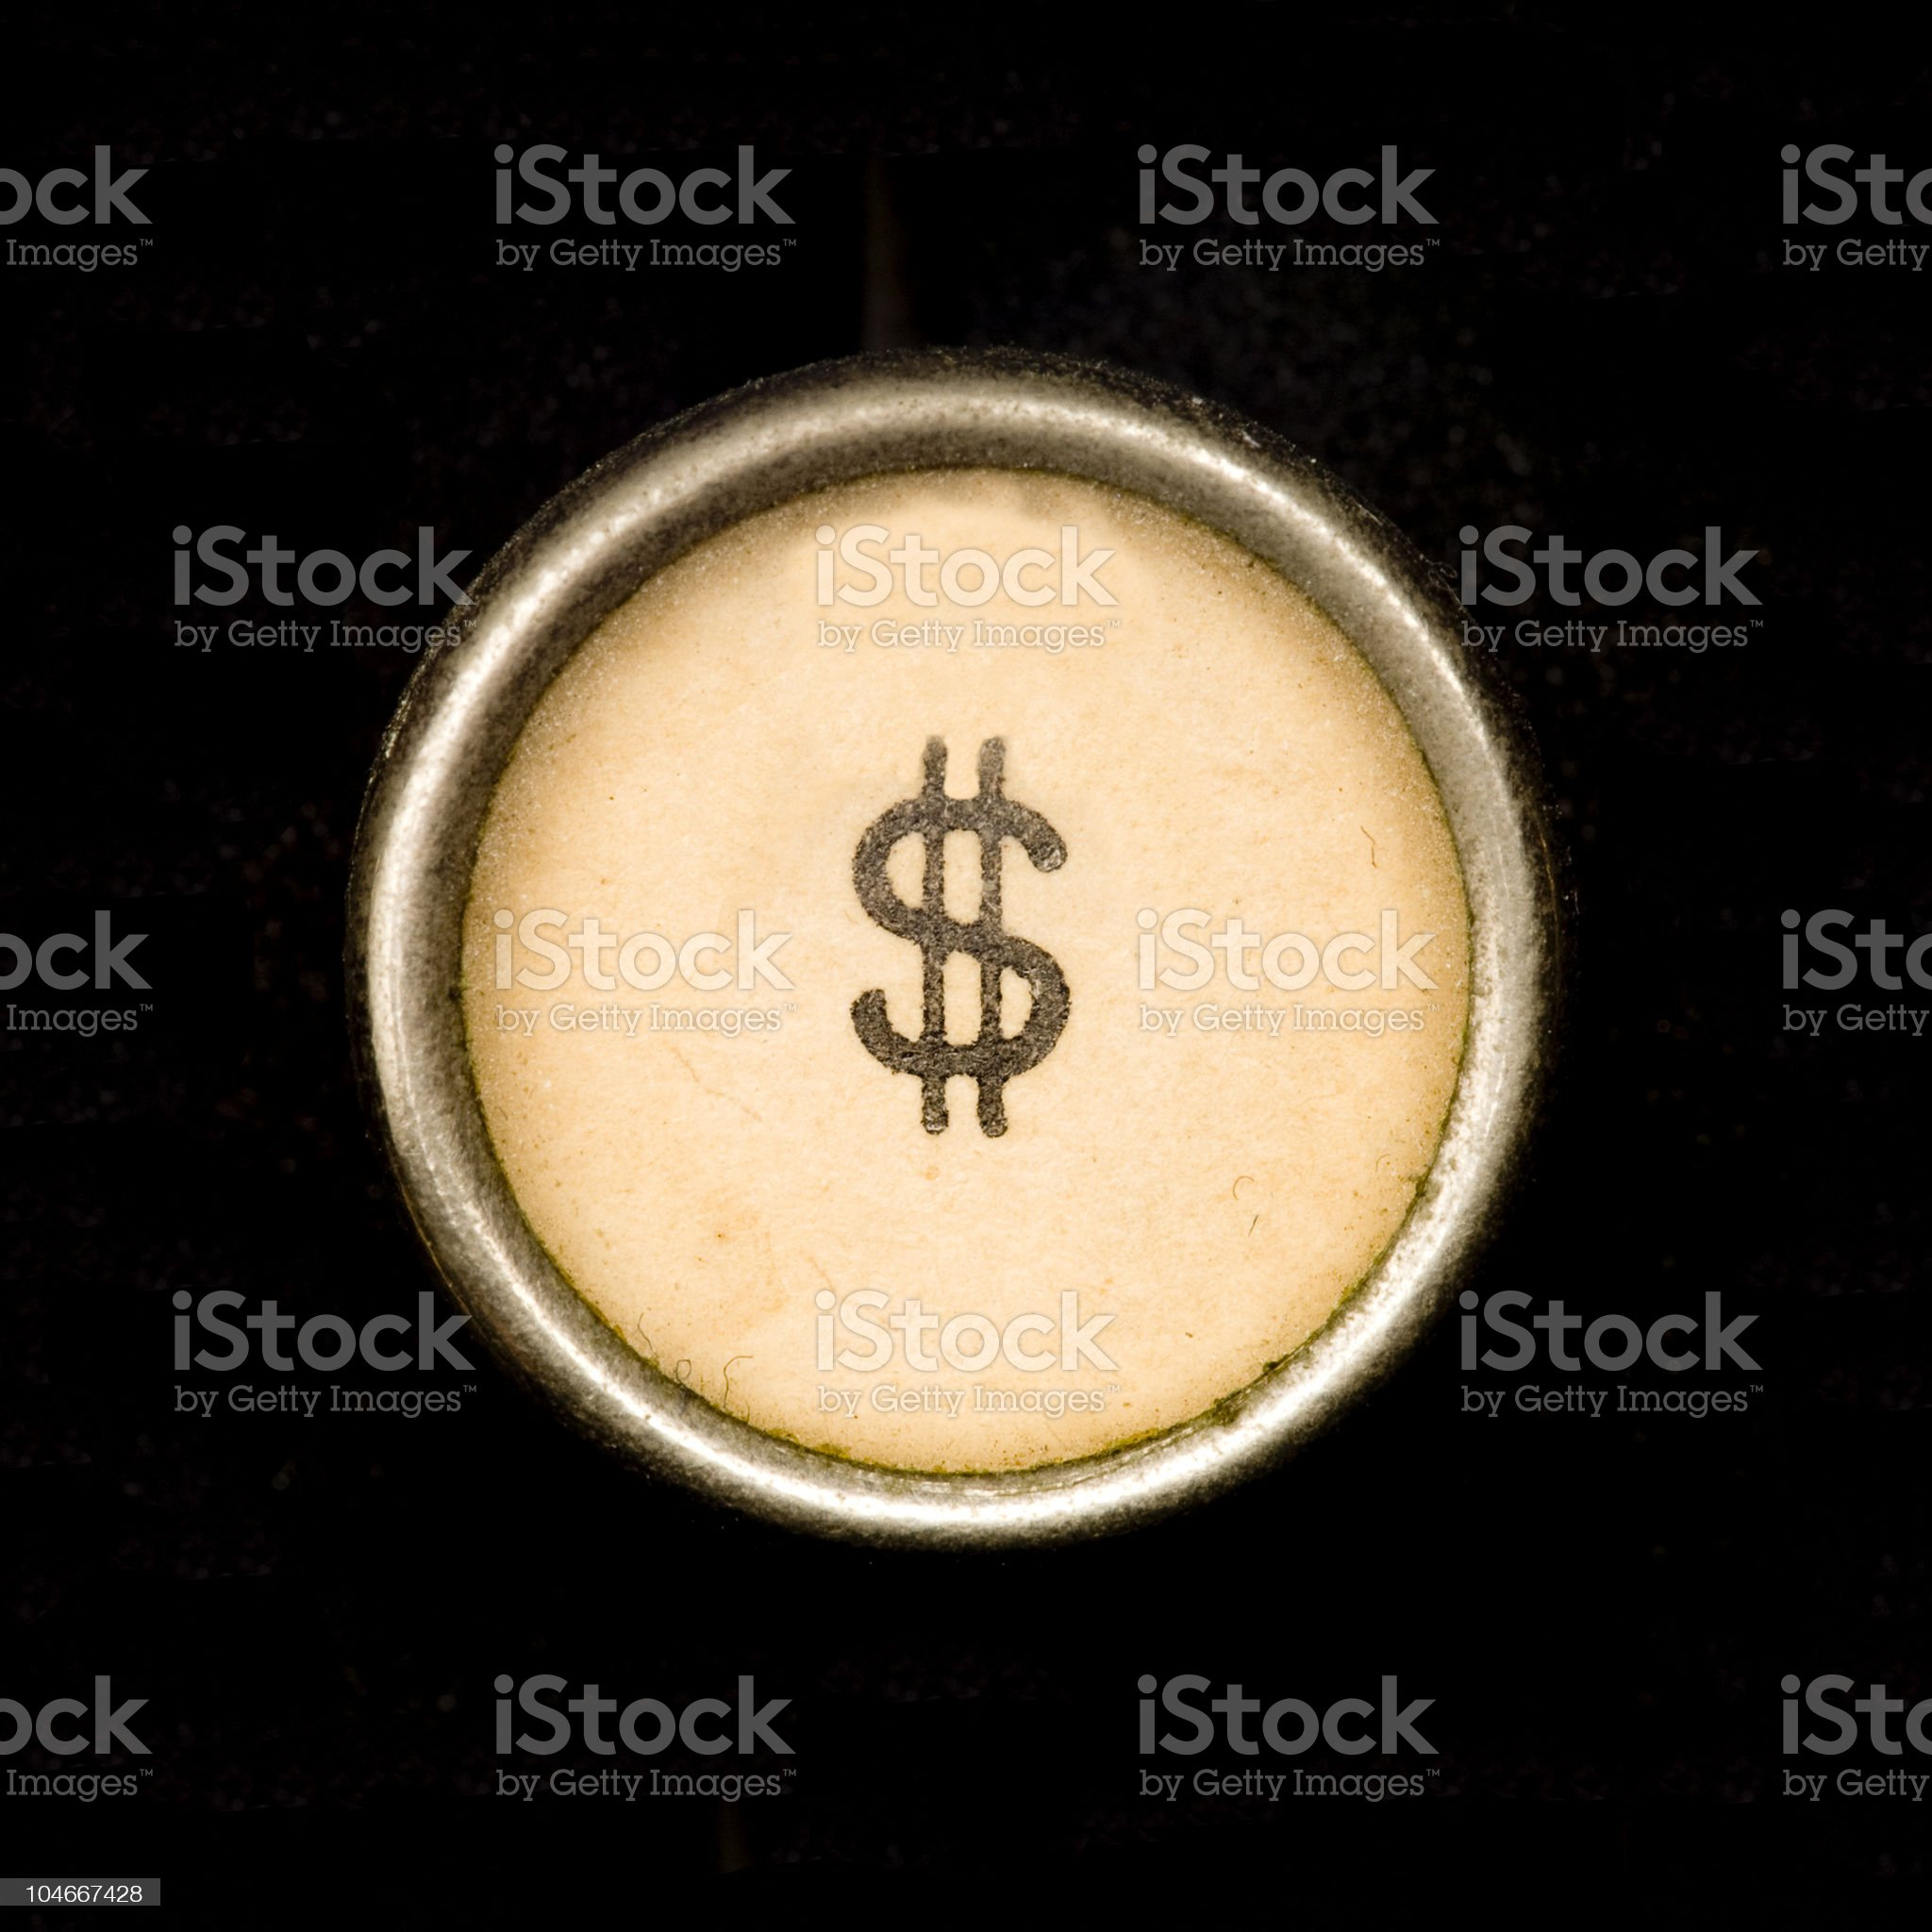 Typewriter dollar sign royalty-free stock photo